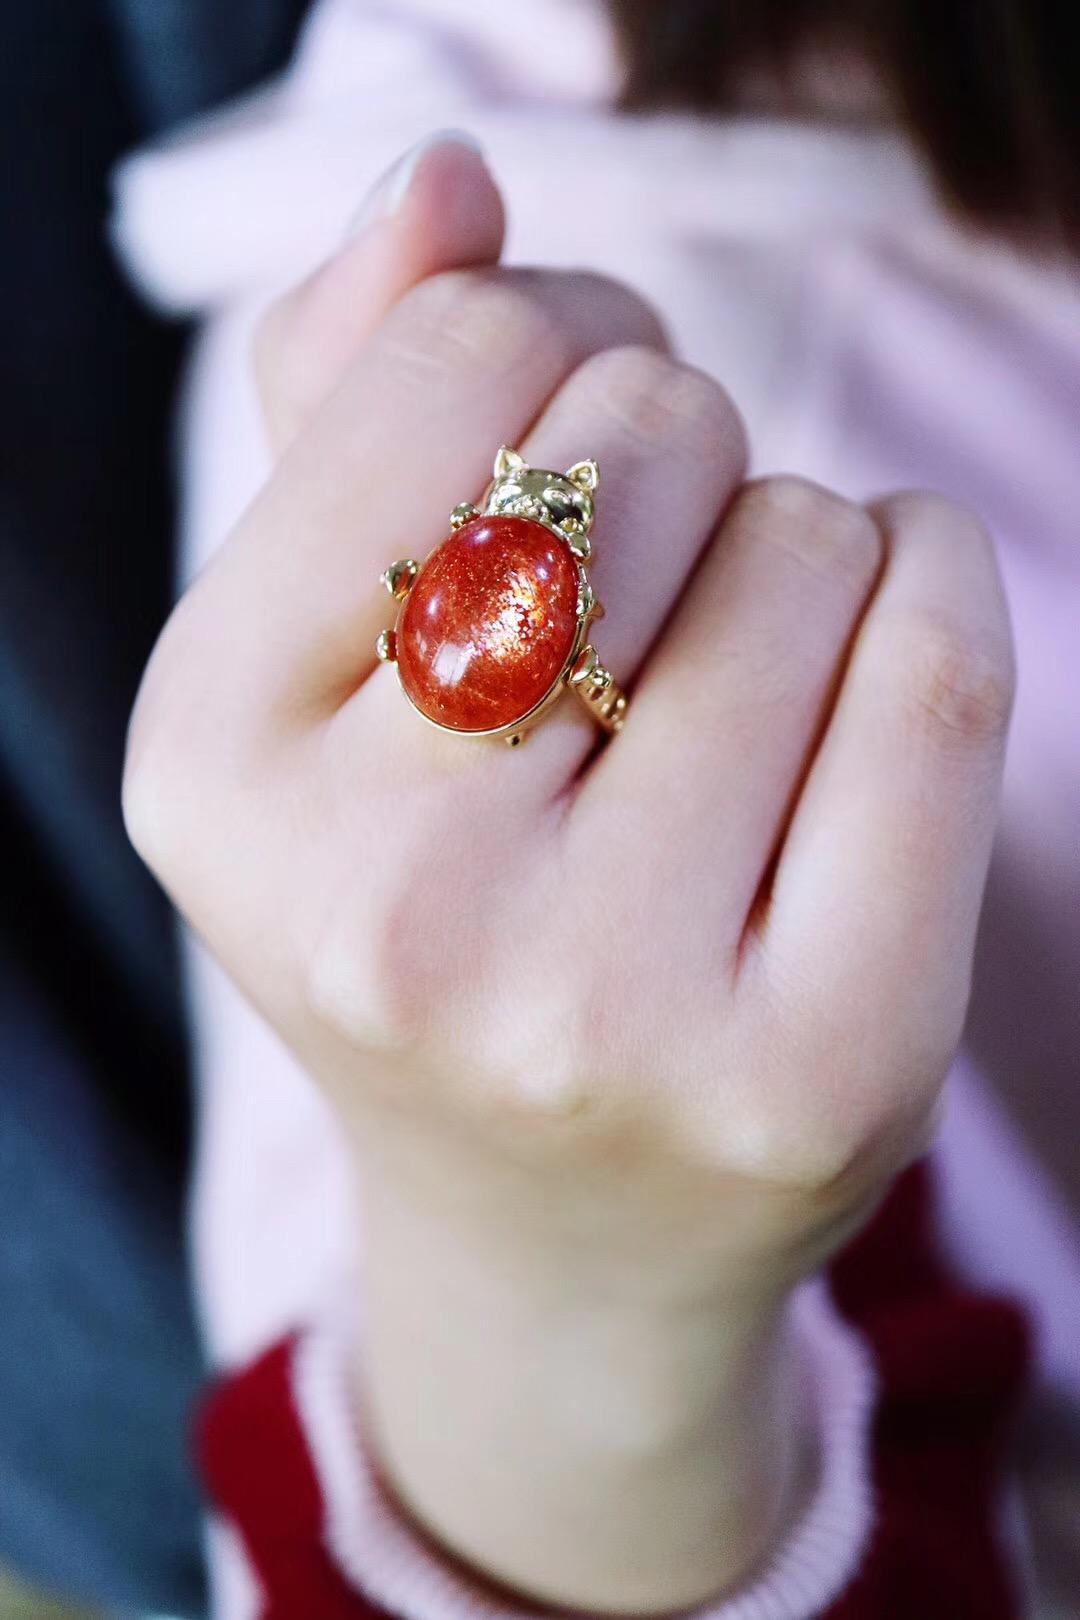 【菩心-太阳石&吊坠戒指两用】这只小可爱,久等了。-菩心晶舍